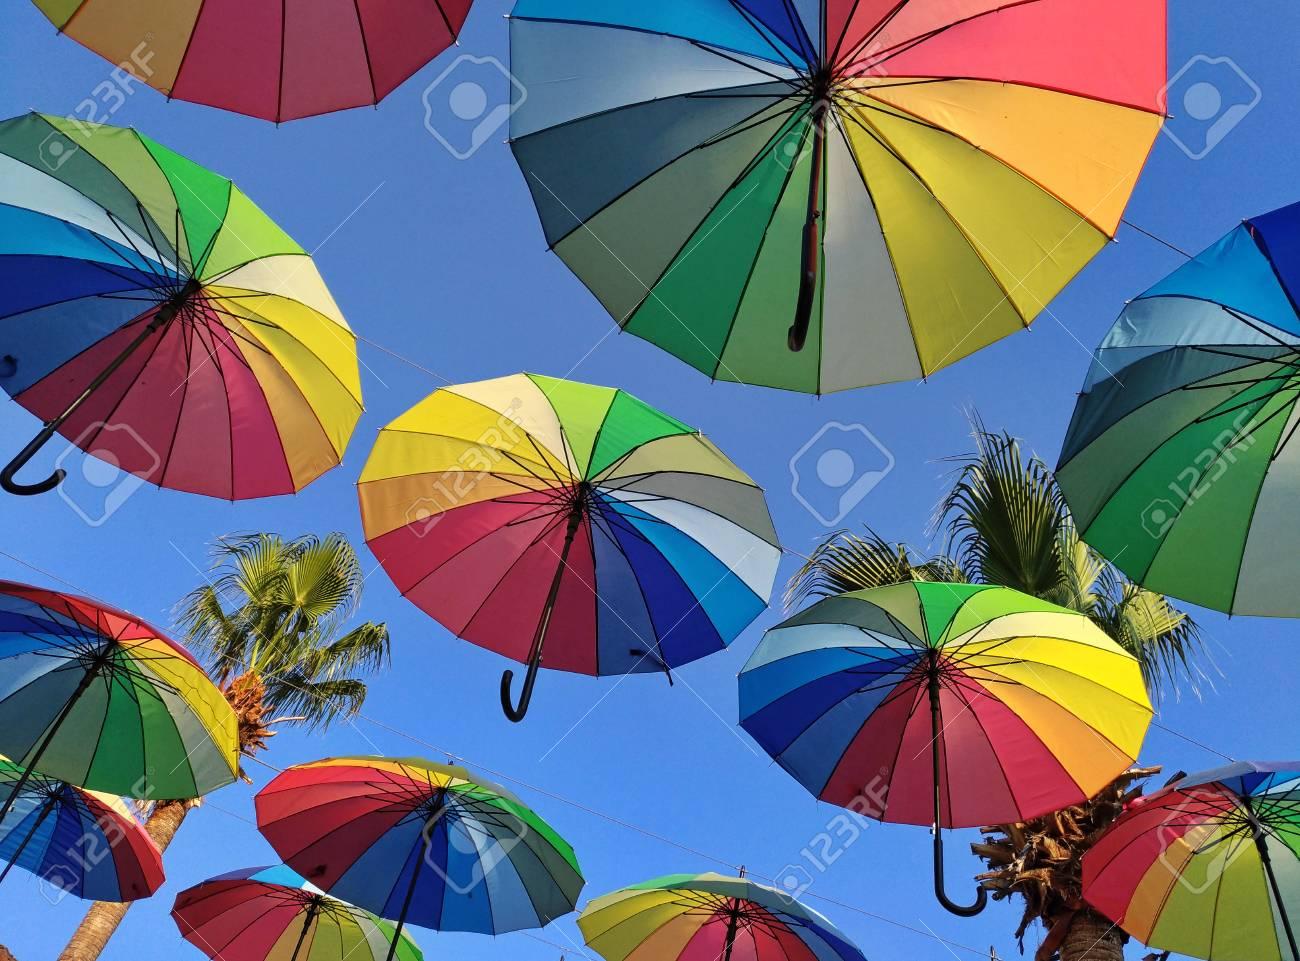 62dfd53346 Farben des Regenbogens. Die Kunst der Straßendekoration, die Atmosphäre  eines Urlaubs, Sommer, Ruhe, Regen ist kein Hindernis